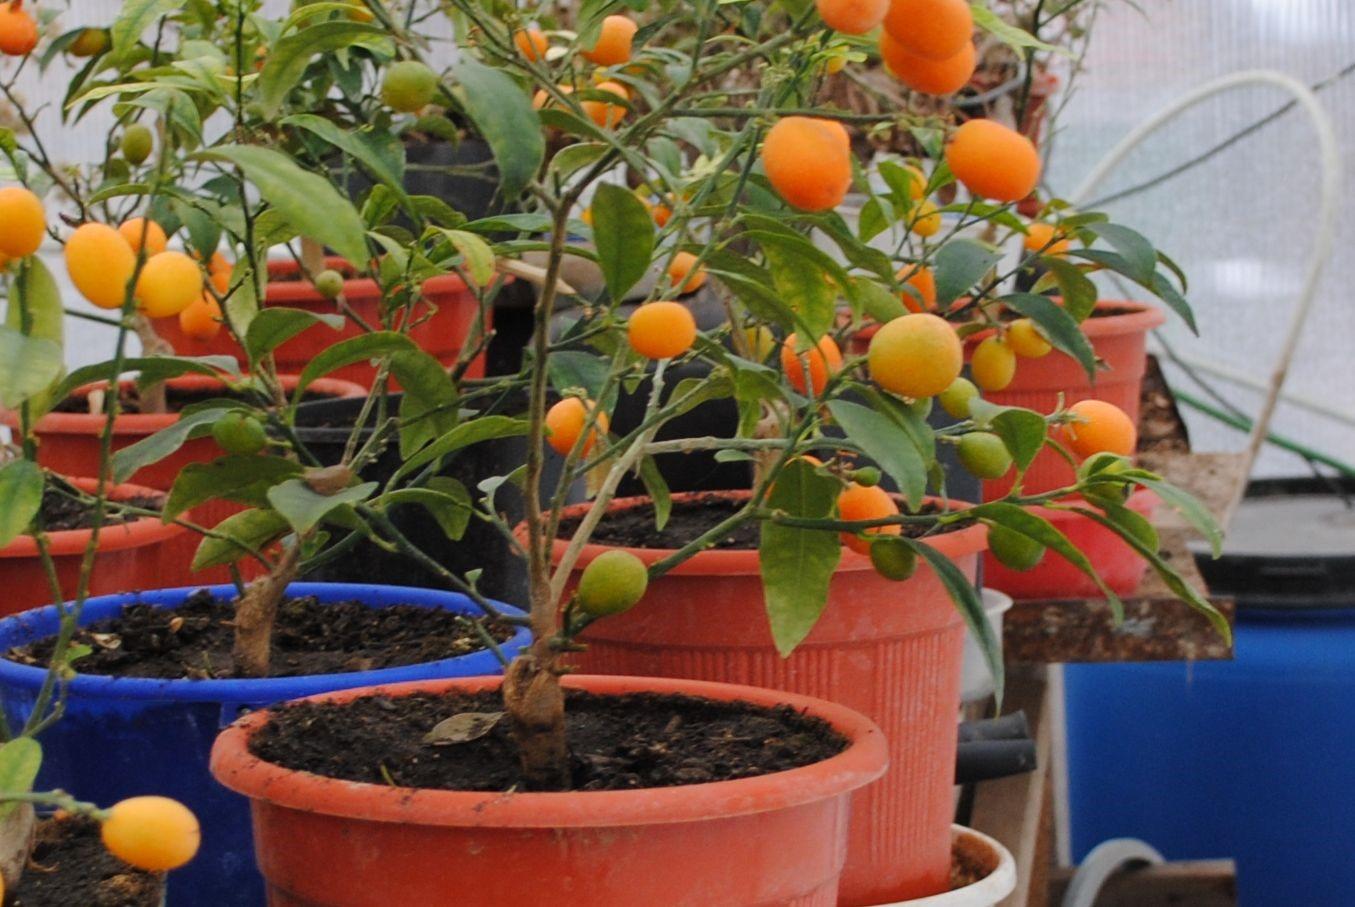 Почва под растением всегда должна быть влажной, но не мокрой